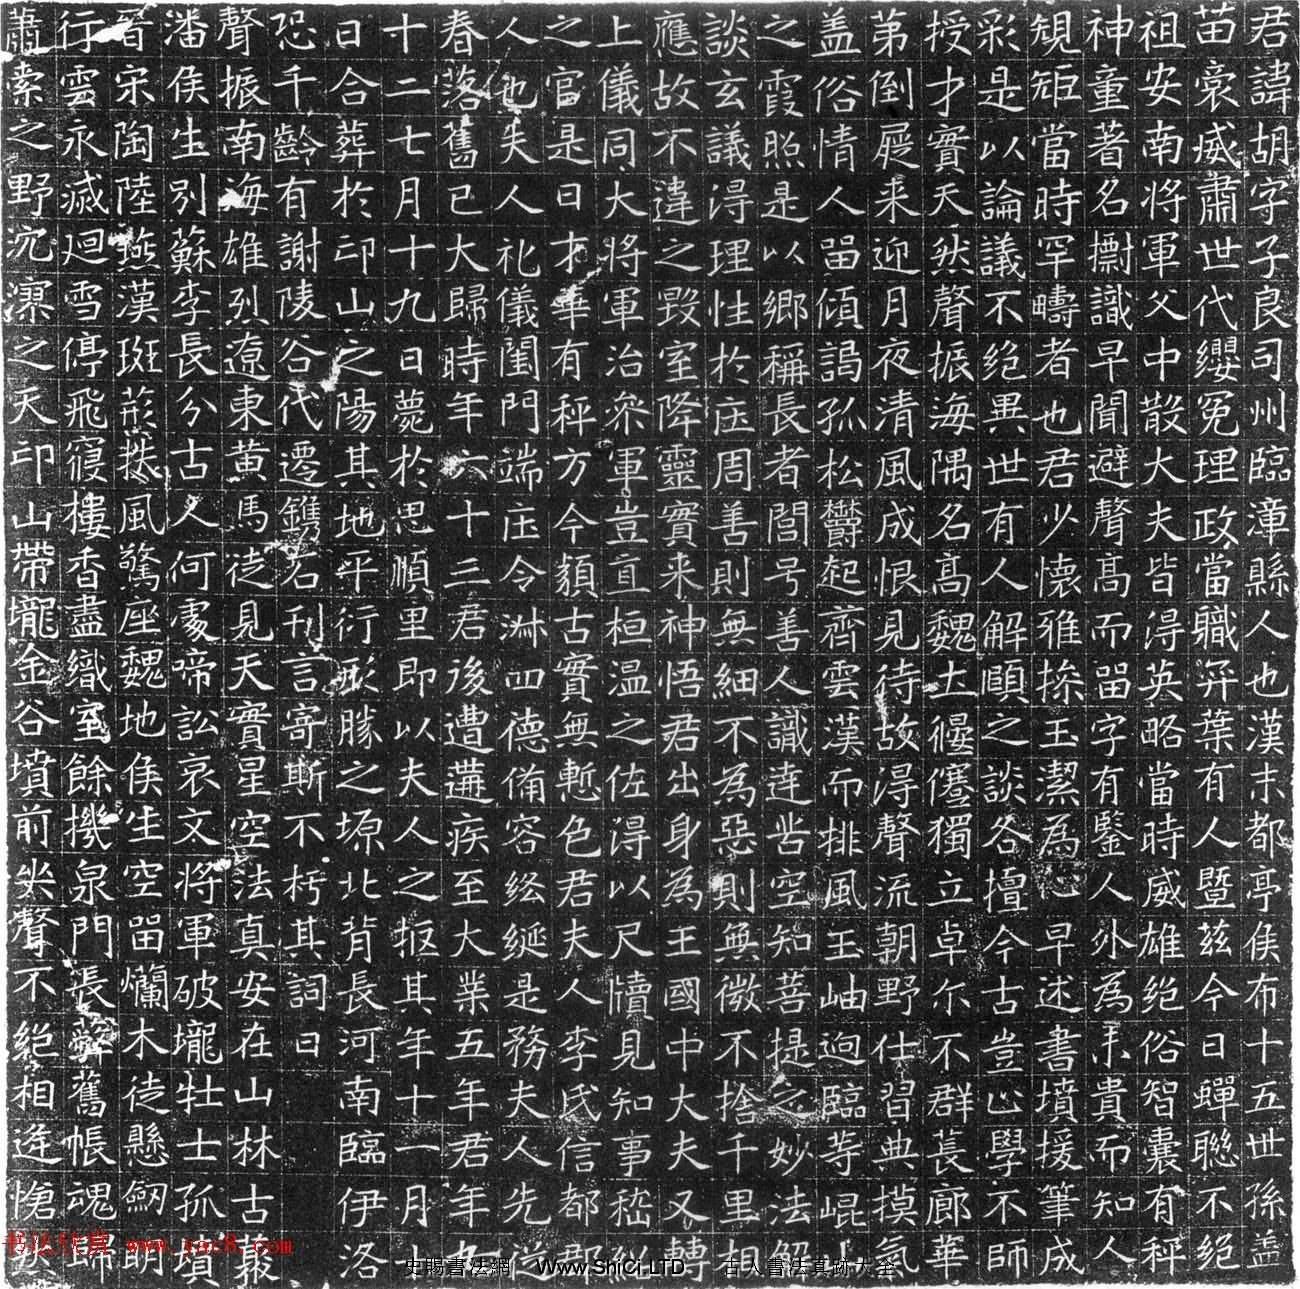 隋代書法石刻真跡欣賞《呂胡墓誌》(共7張圖片)